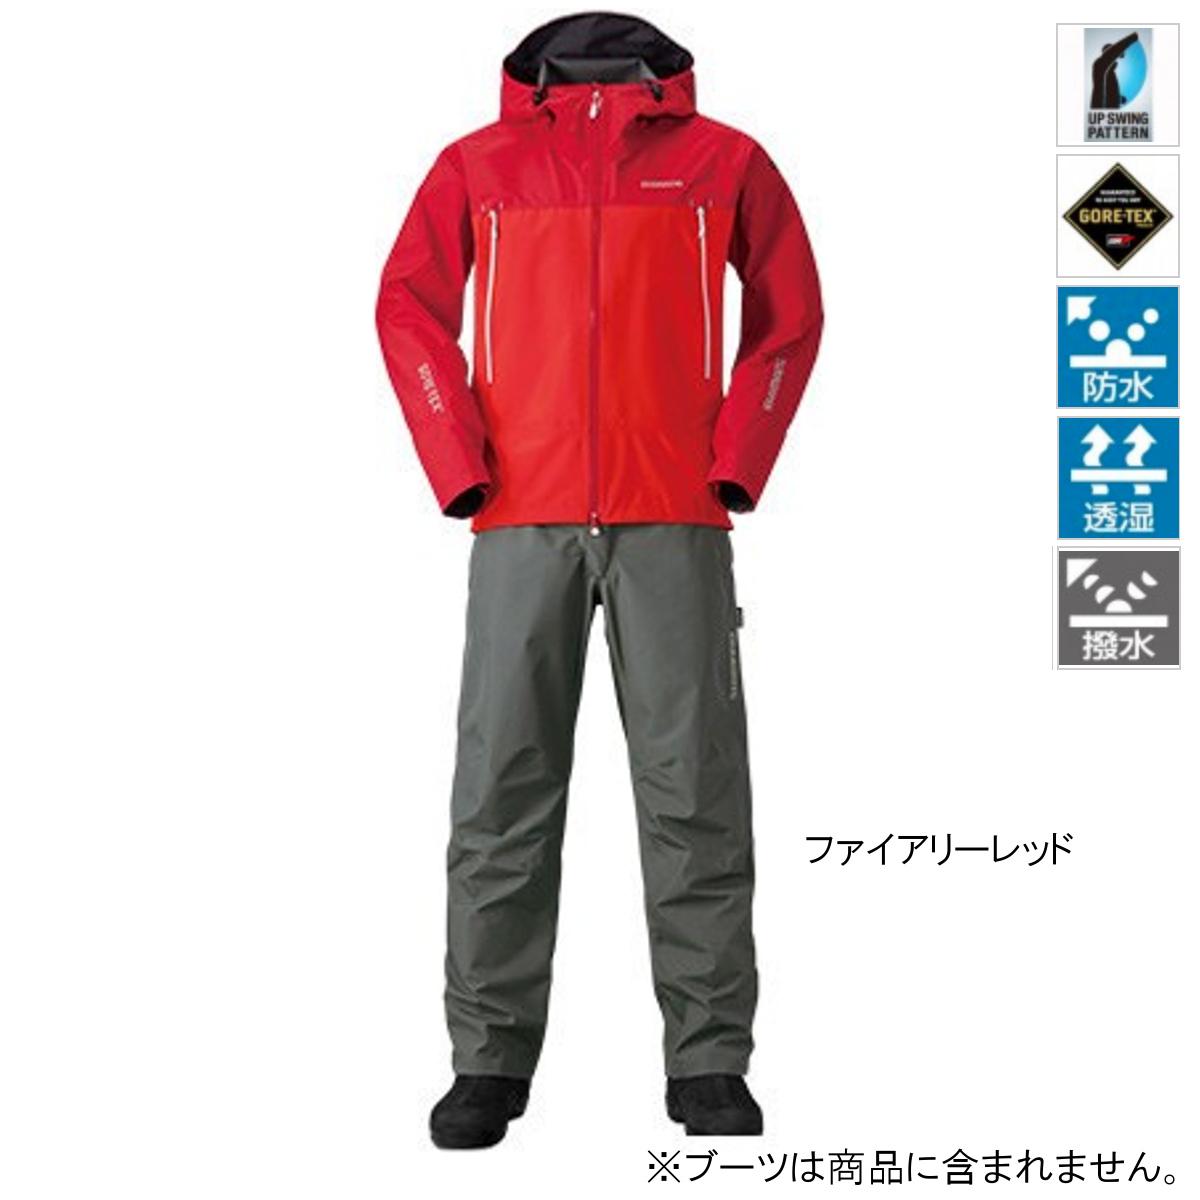 シマノ GORE-TEX ベーシックスーツ RA-017R M ファイアリーレッド(東日本店)